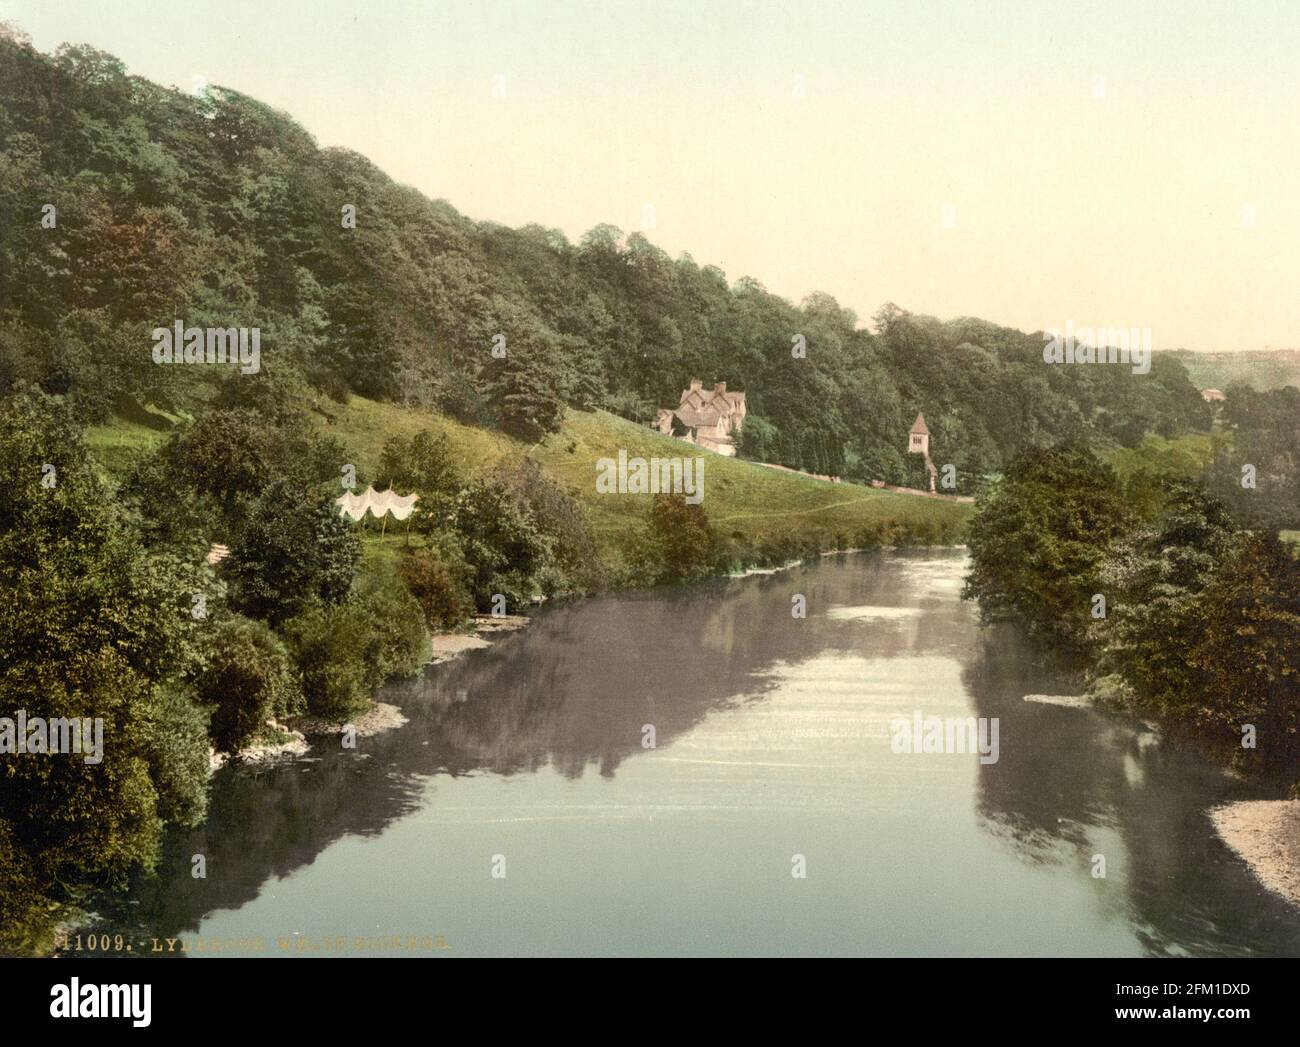 El río Wye en Welsh Bicknor en Herefordshire alrededor de 1890-1900 Foto de stock